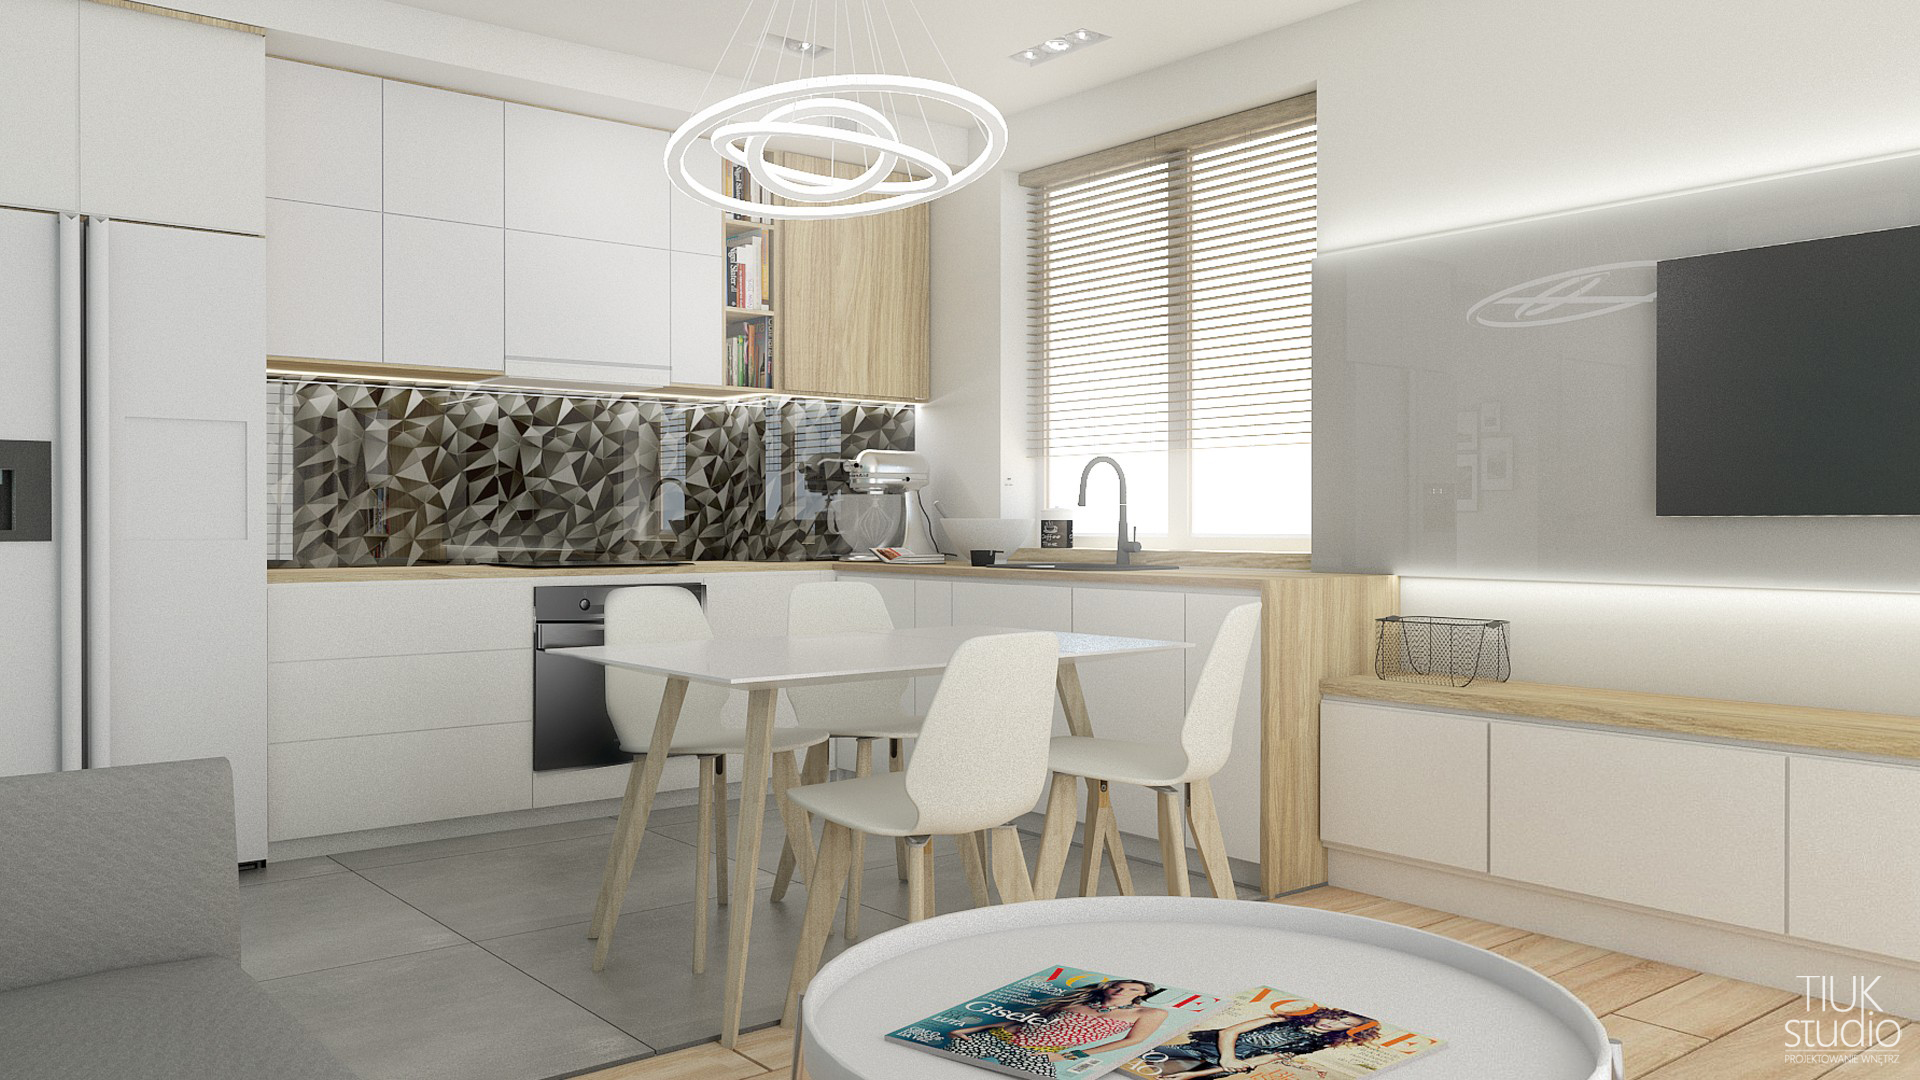 Salon Z Kuchnia Tiuk Studio Projektowanie I Aranzacja Wnetrz